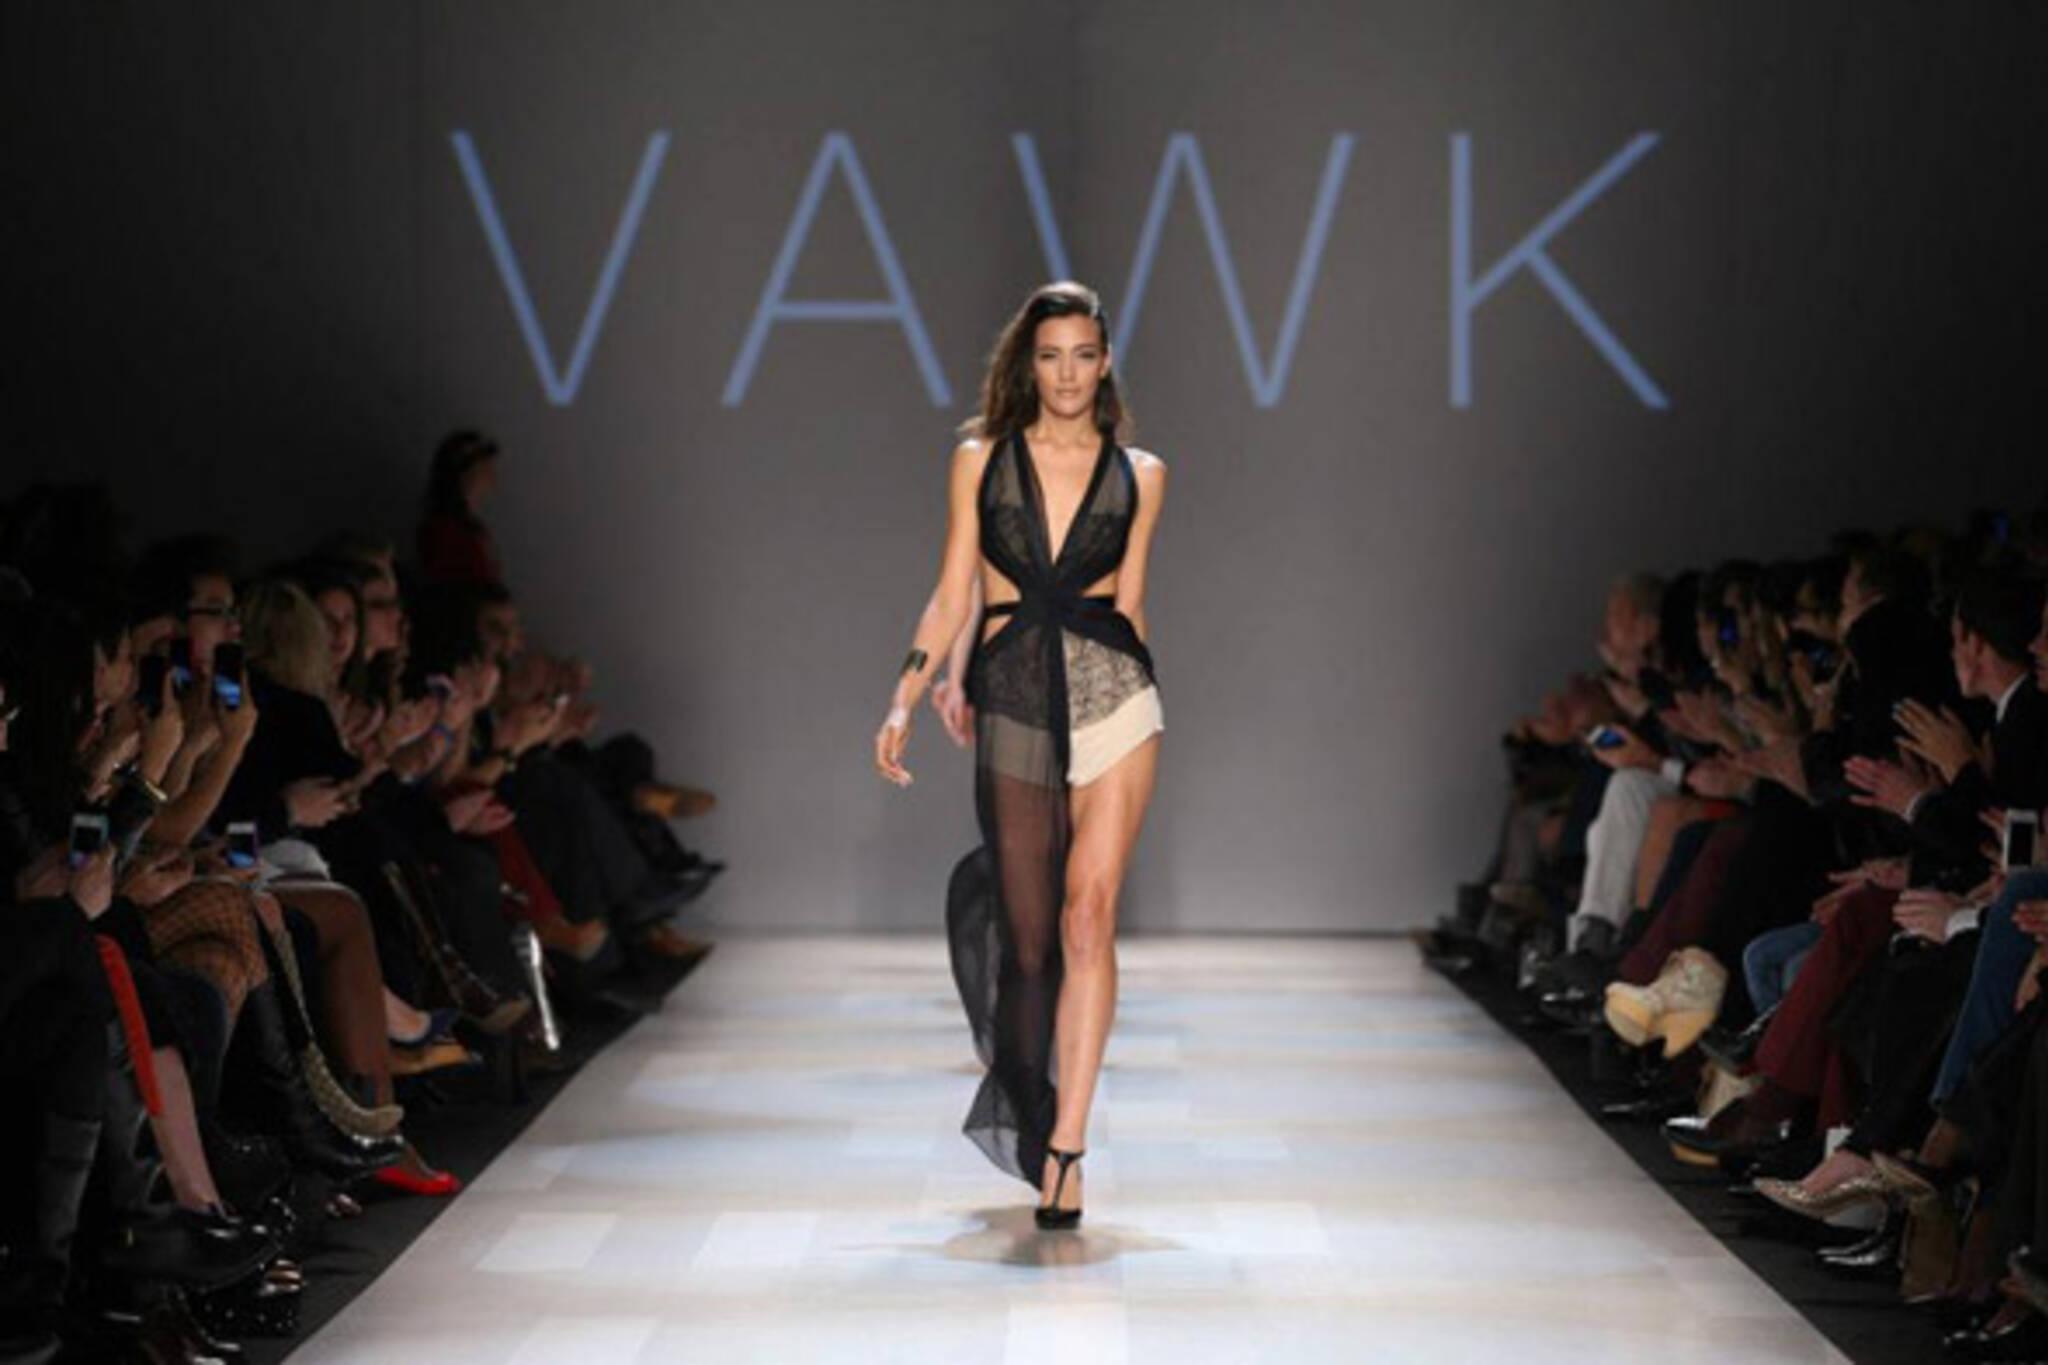 Vawk fashion